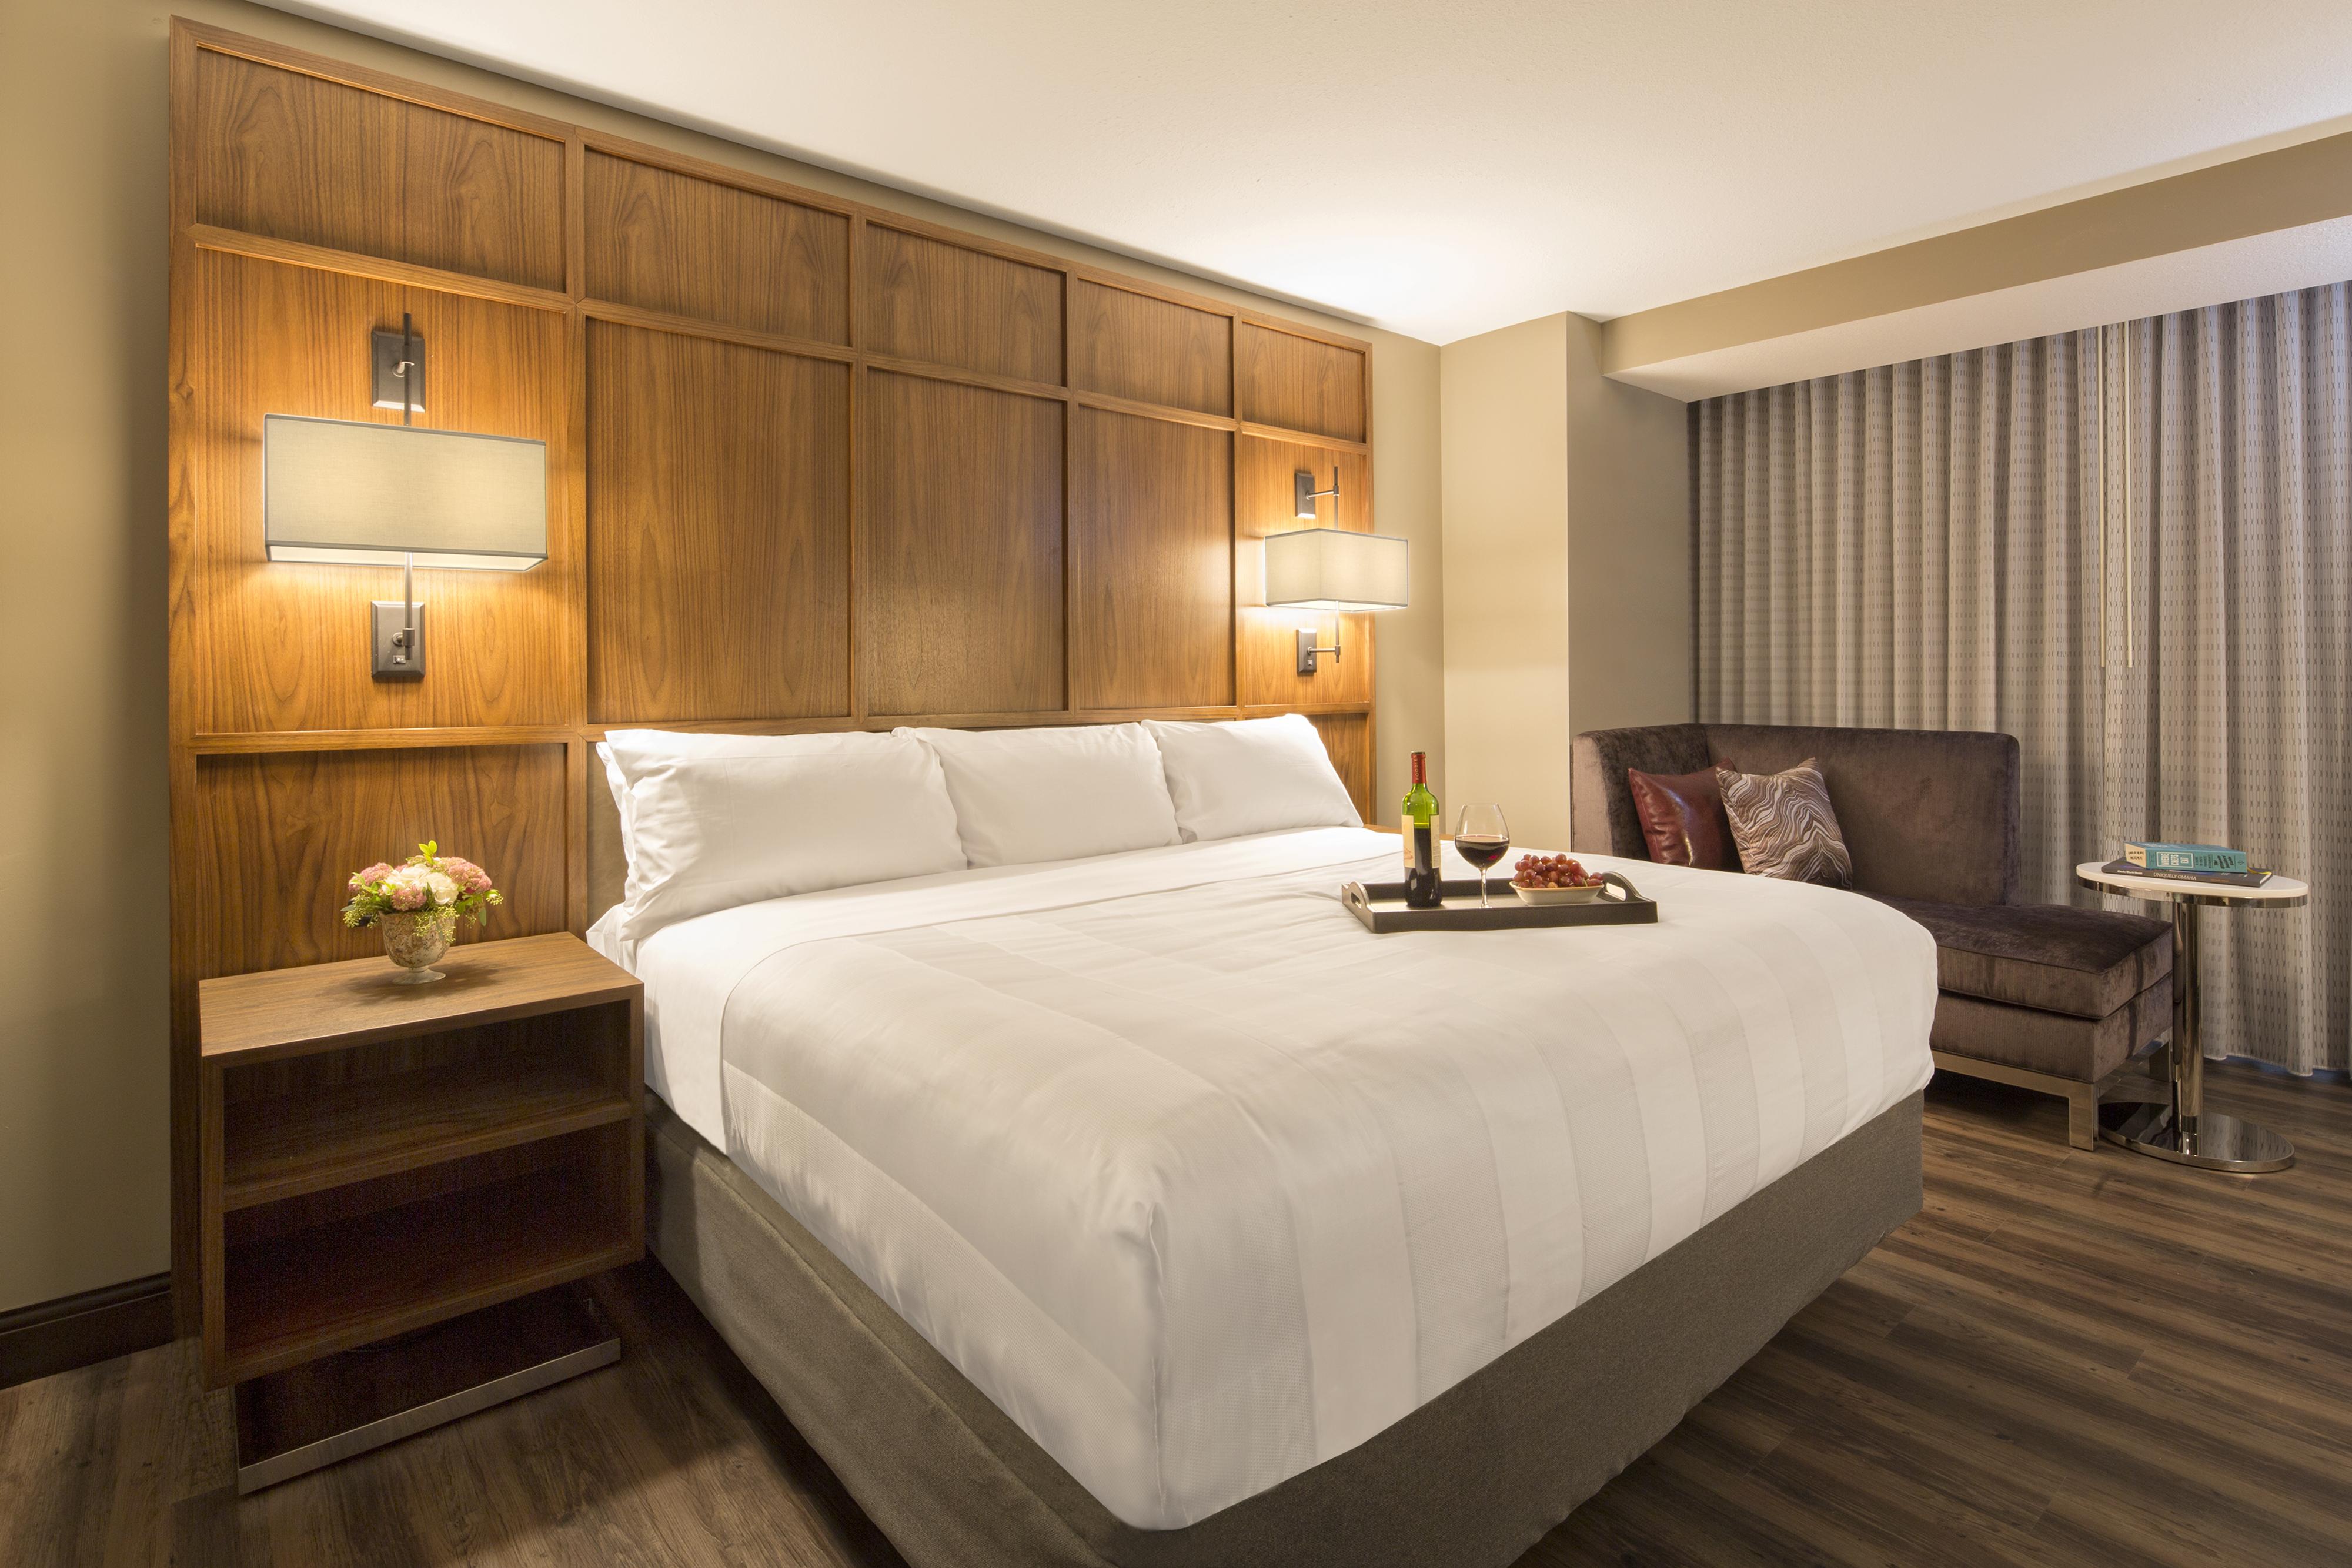 Queen Bed Omaha